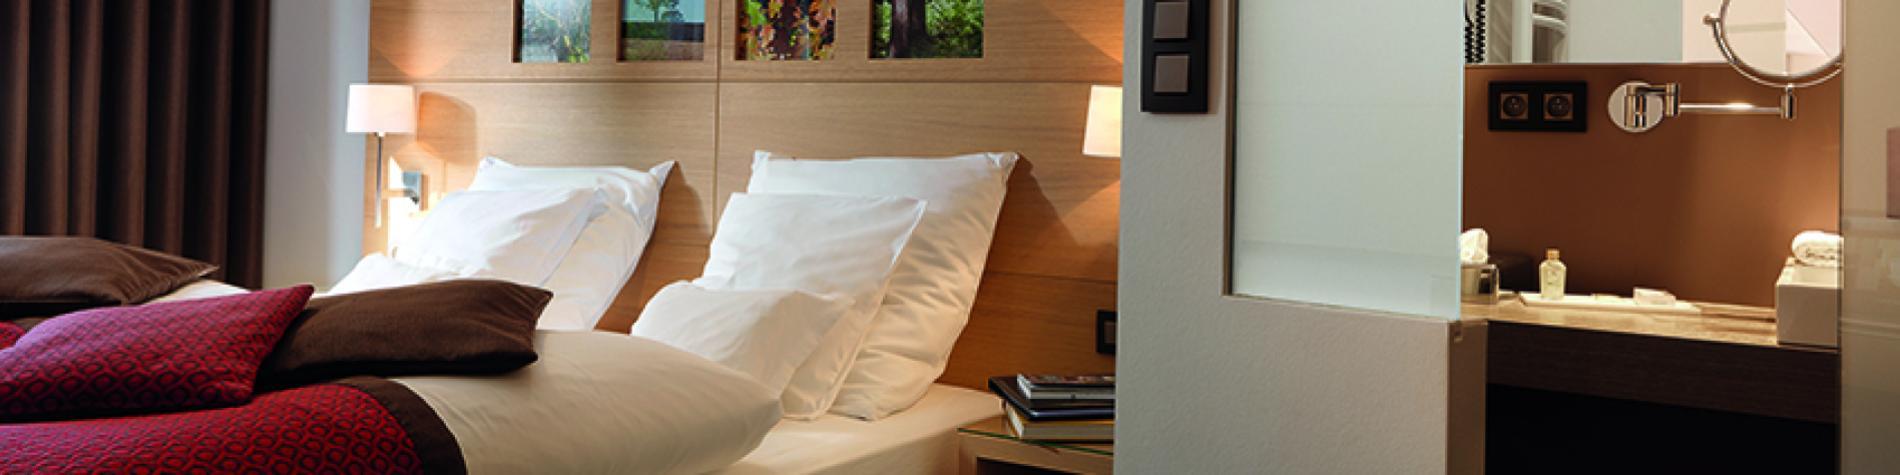 Découvrez les chambres de l'Hôtel Bütgenbacher-Hof - Relais du Silence en Ardennes